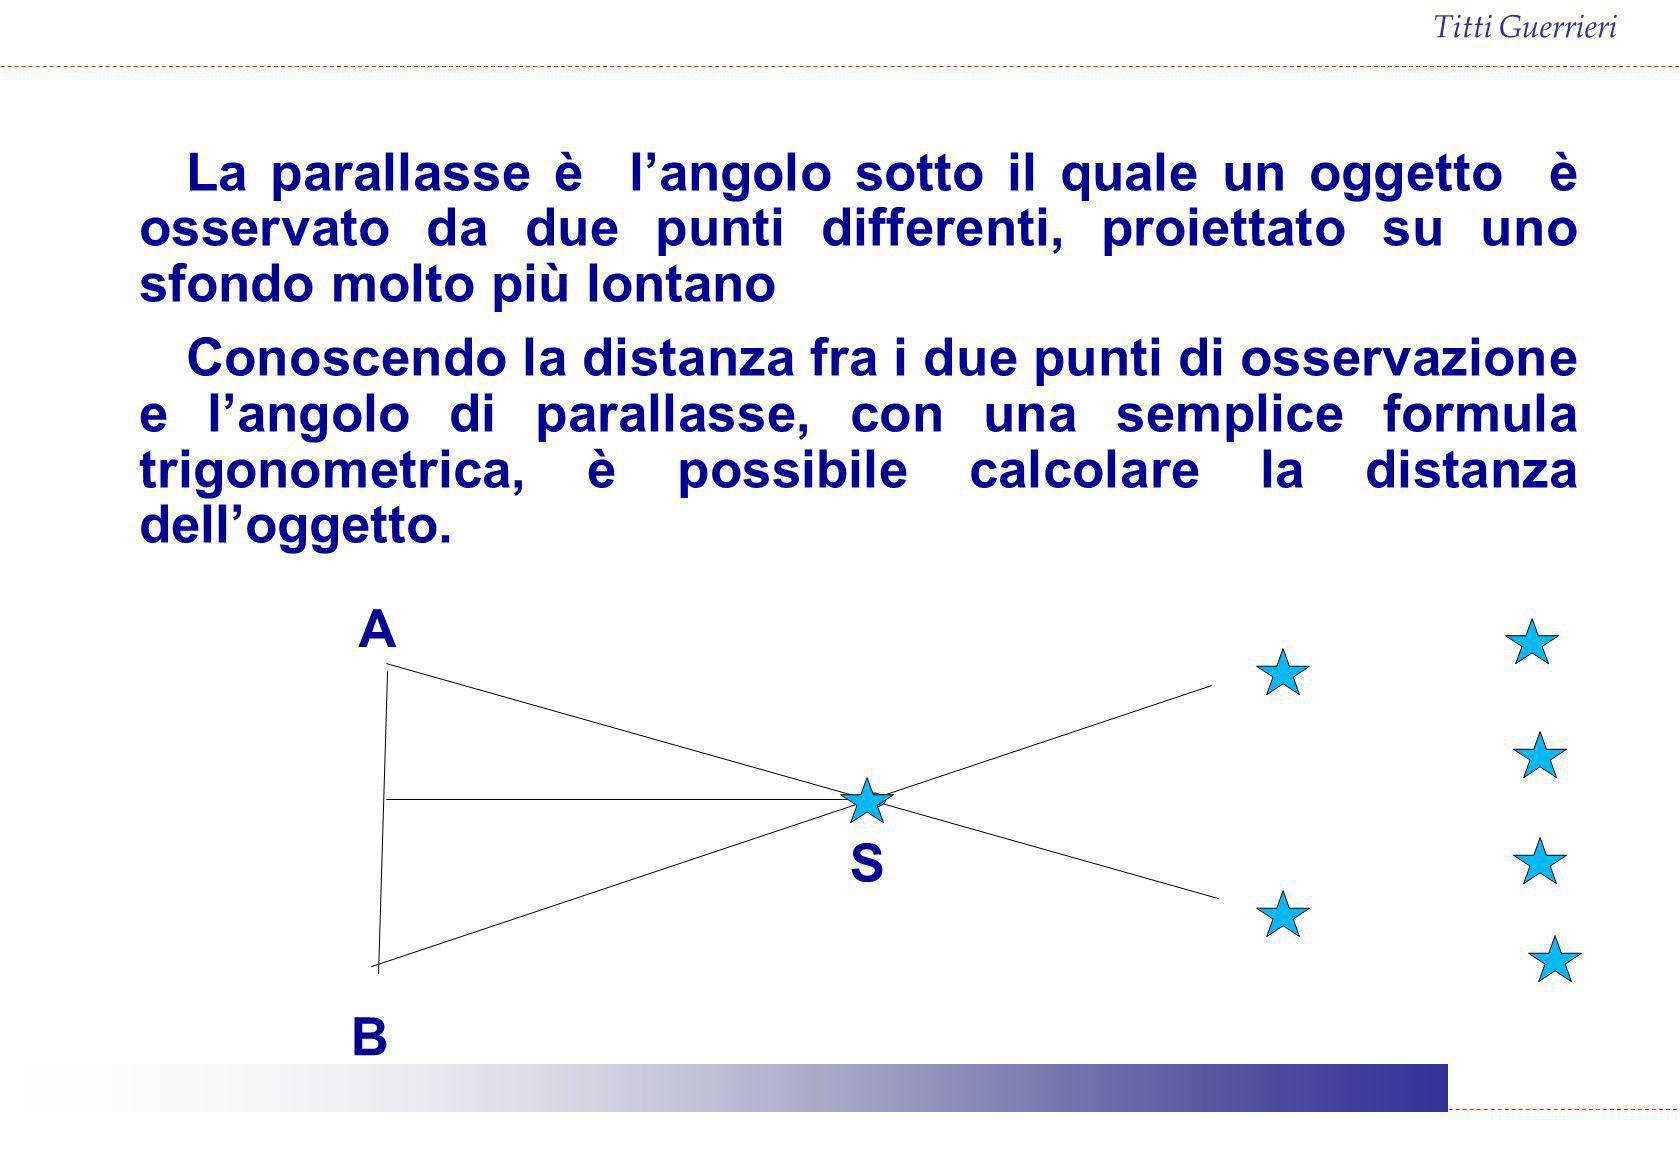 Titti Guerrieri Se applichiamo le leggi della Gravitazione Universale di Newton e le leggi di Keplero, usando il valore della massa visibile, la velocità di rotazione, come si vede nella immagine a fianco, dovrebbe decrescere molto di più.